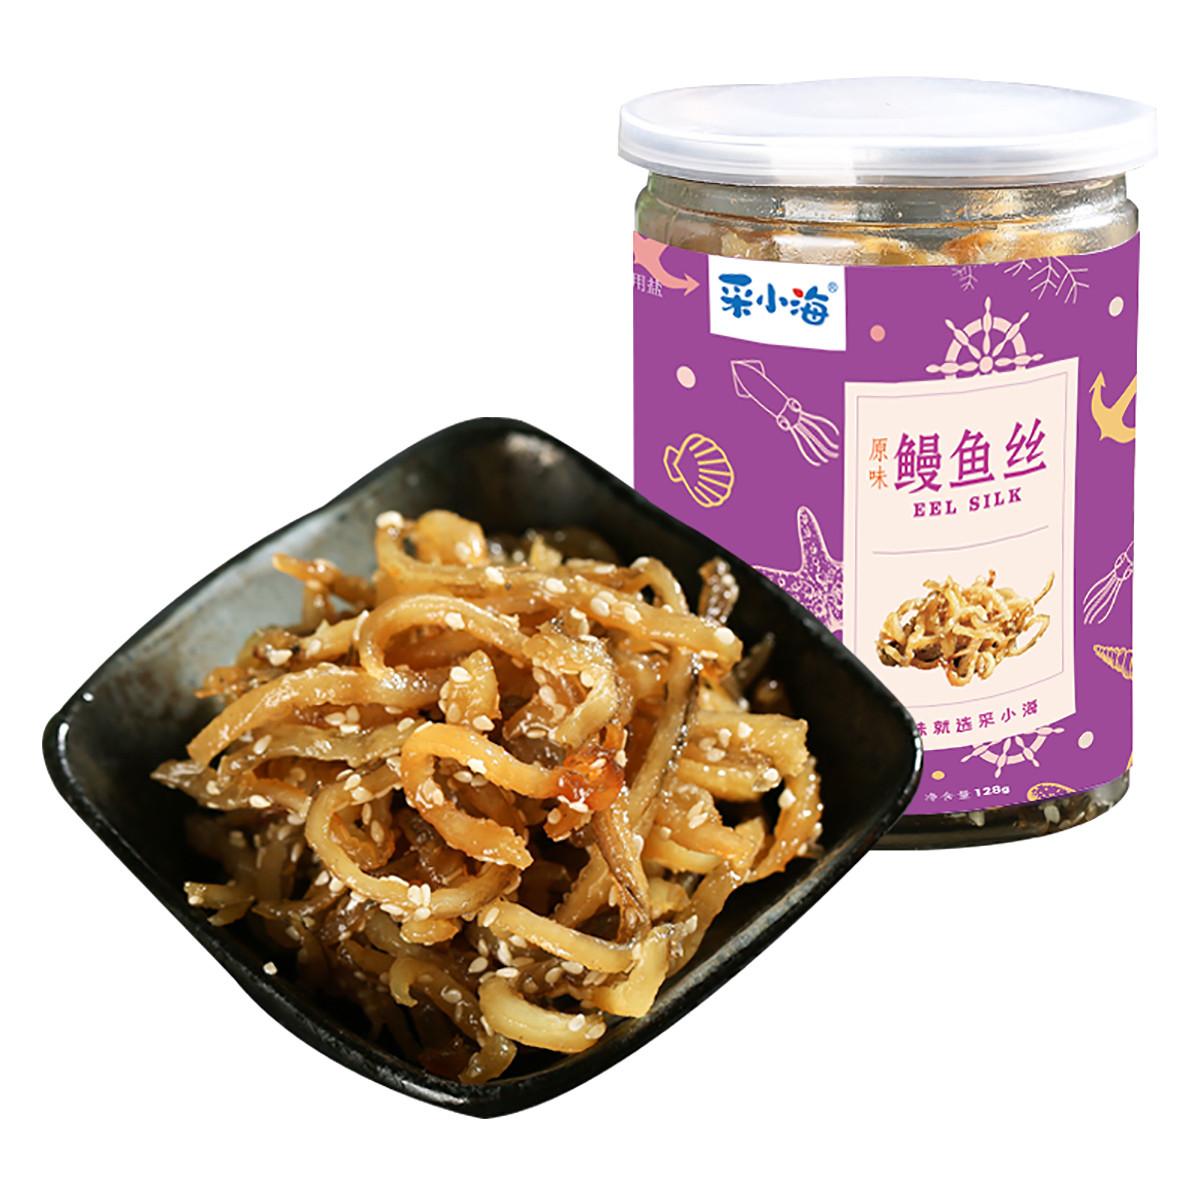 采小海原味蜜汁烤鳗鱼丝128g罐装海味即食鱼干休闲小吃特产鱼味零食COLOR原味鳗鱼丝